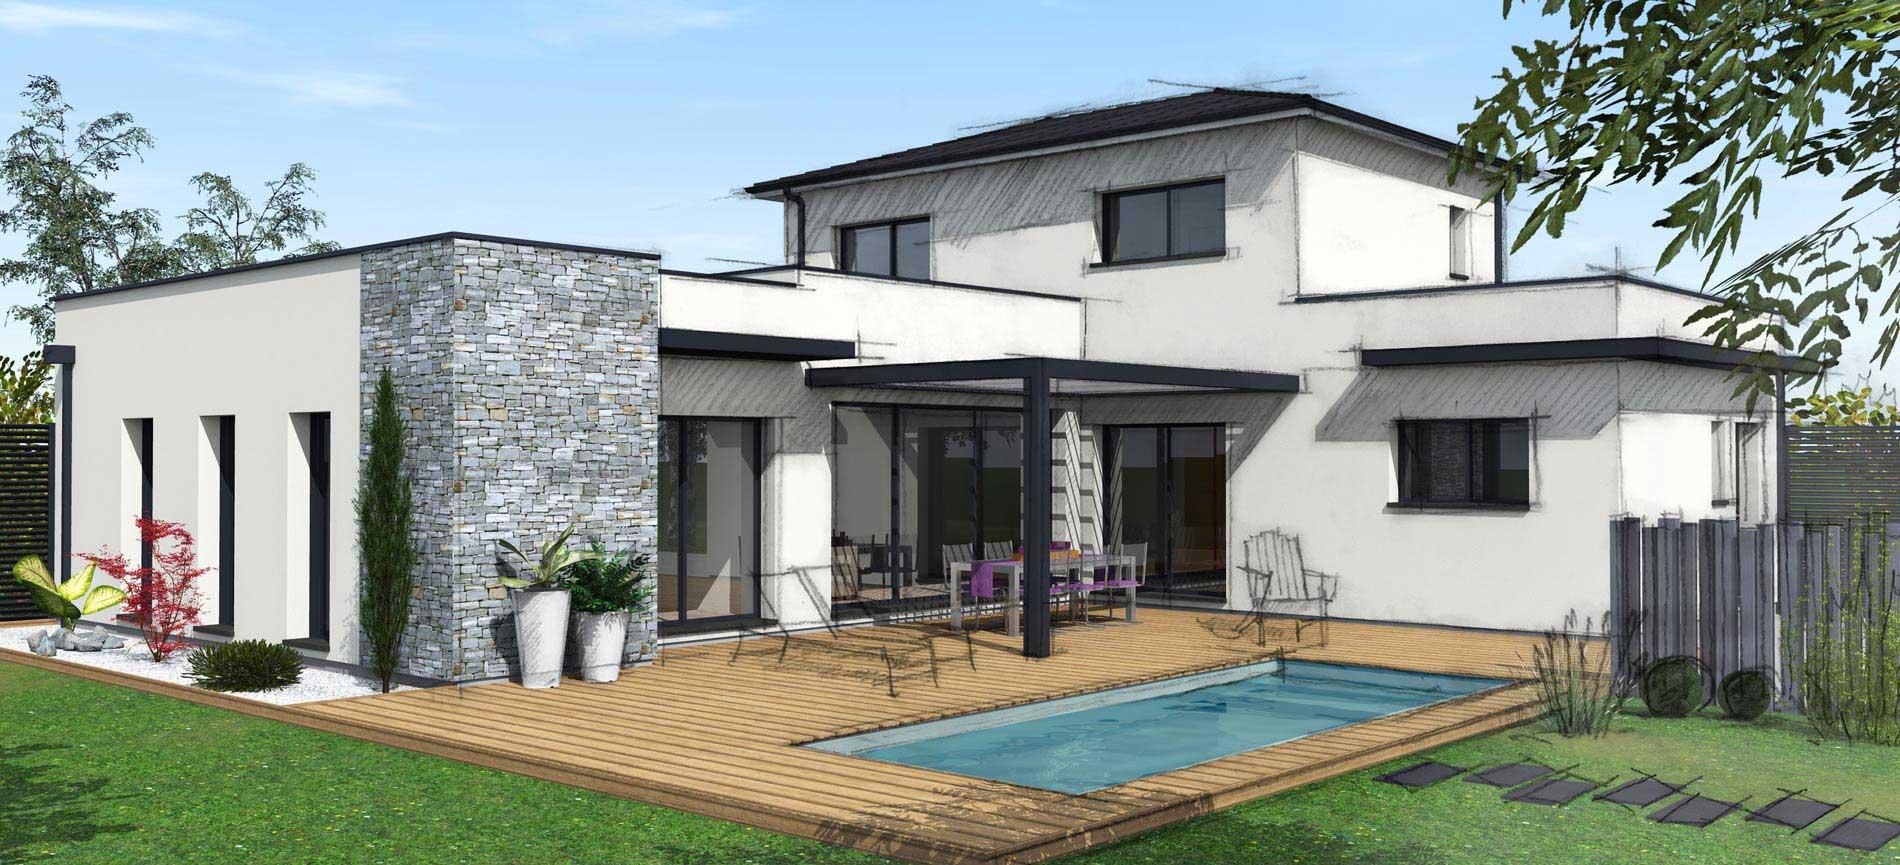 maisons bati sud constructeur maison individuelle. Black Bedroom Furniture Sets. Home Design Ideas